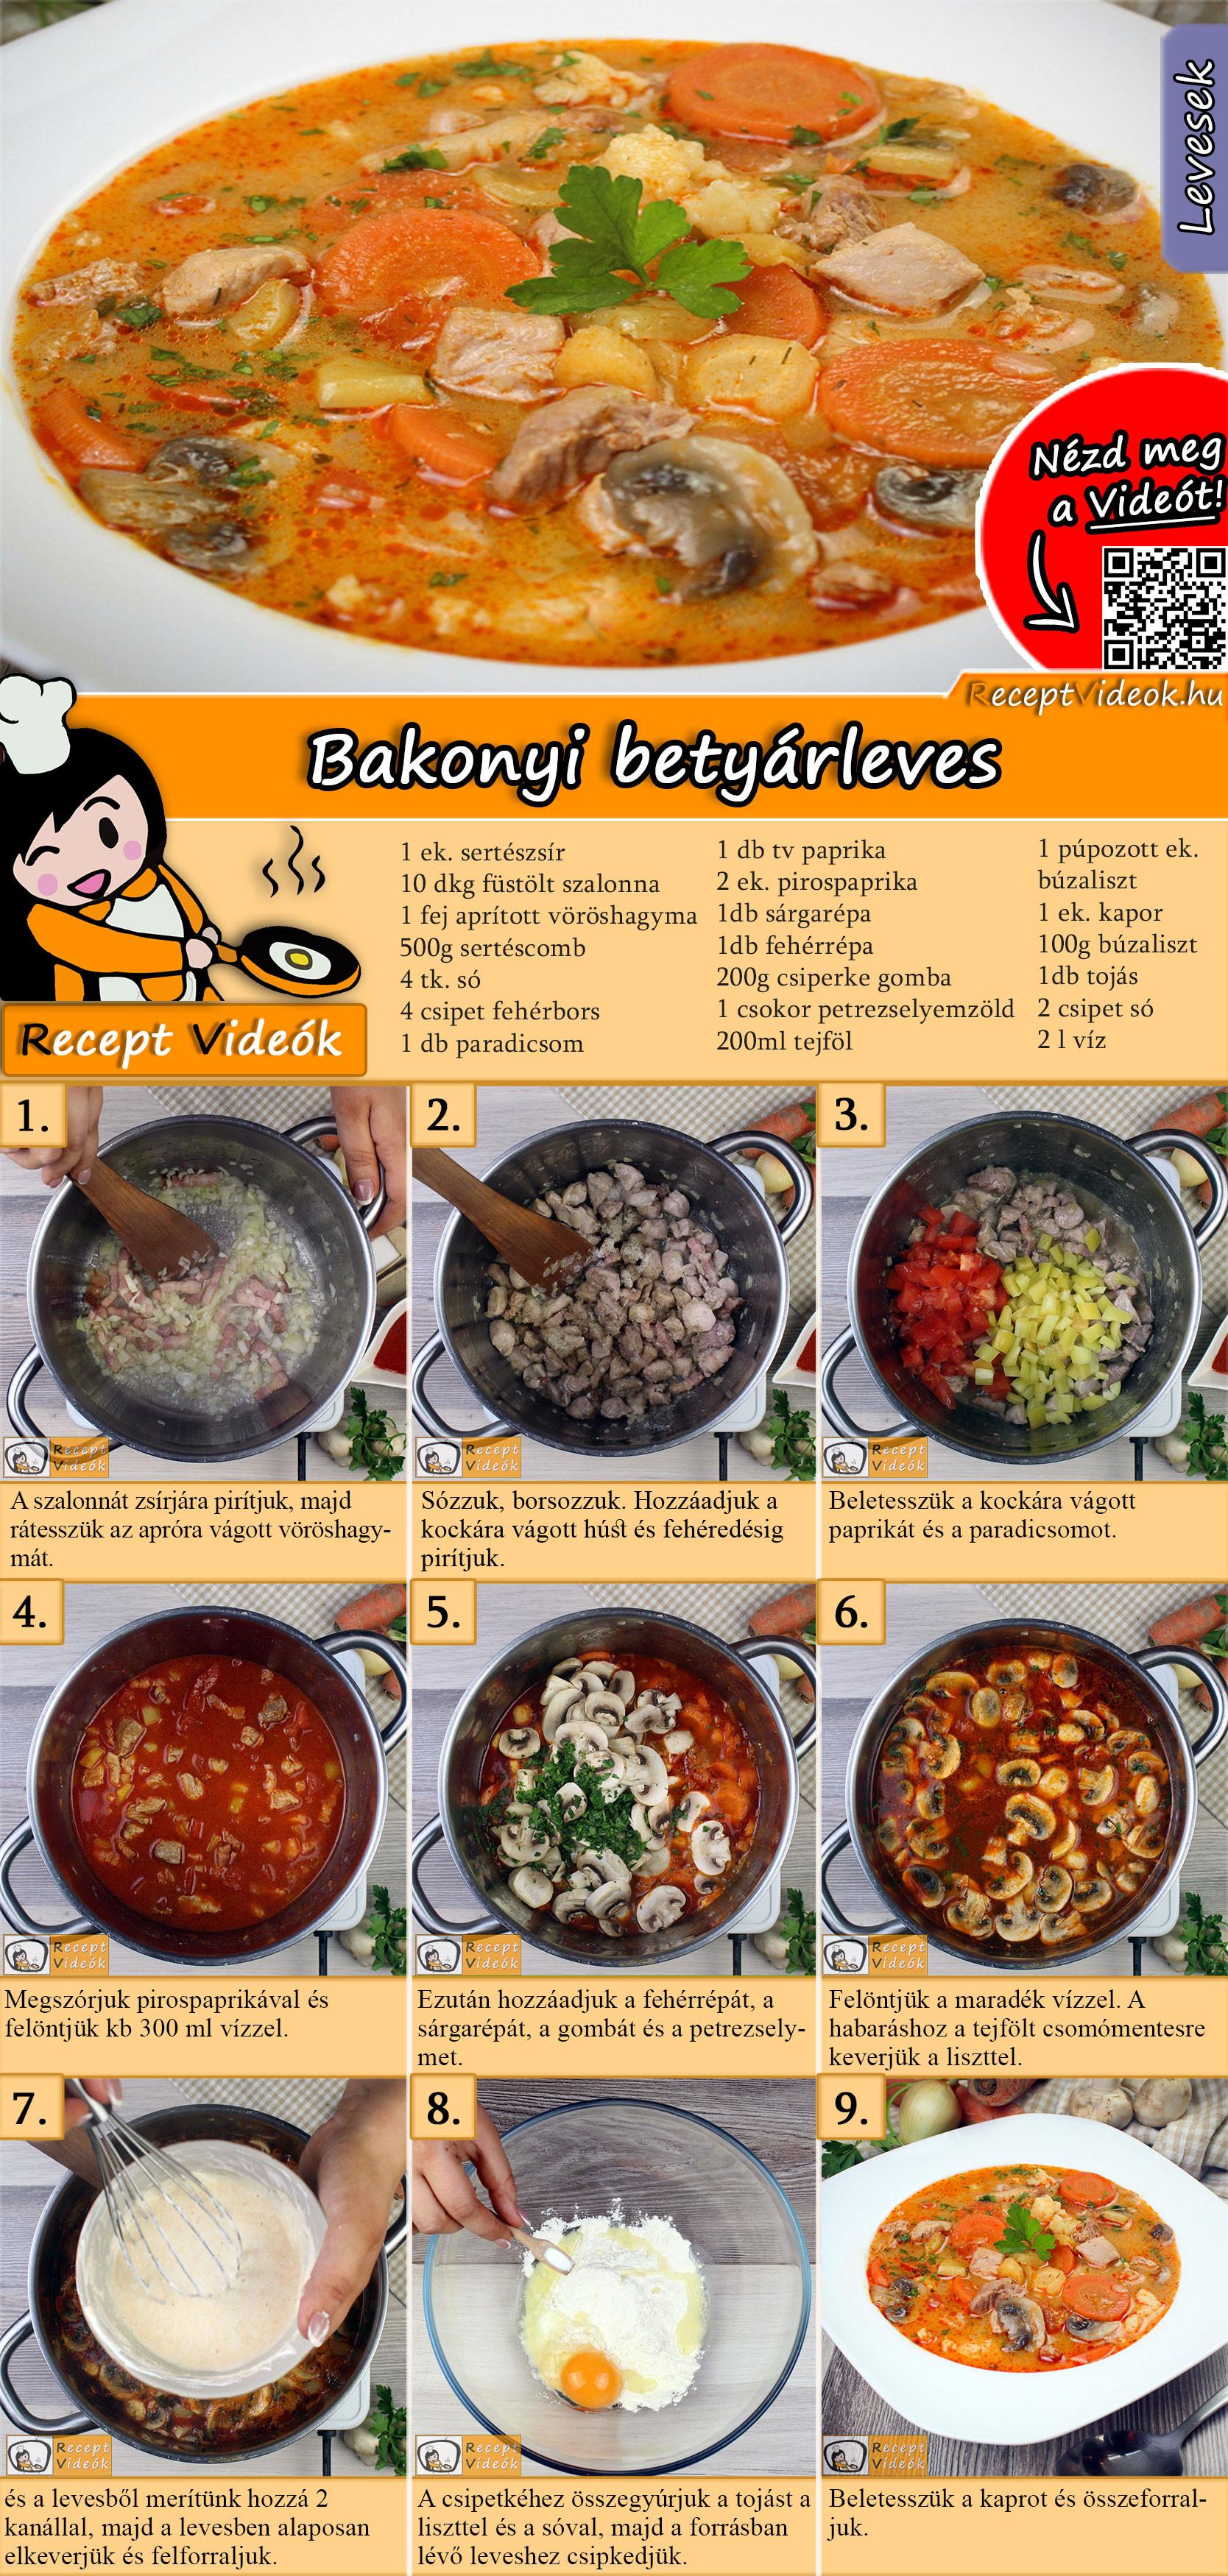 Bakonyi betyárleves recept elkészítése videóval